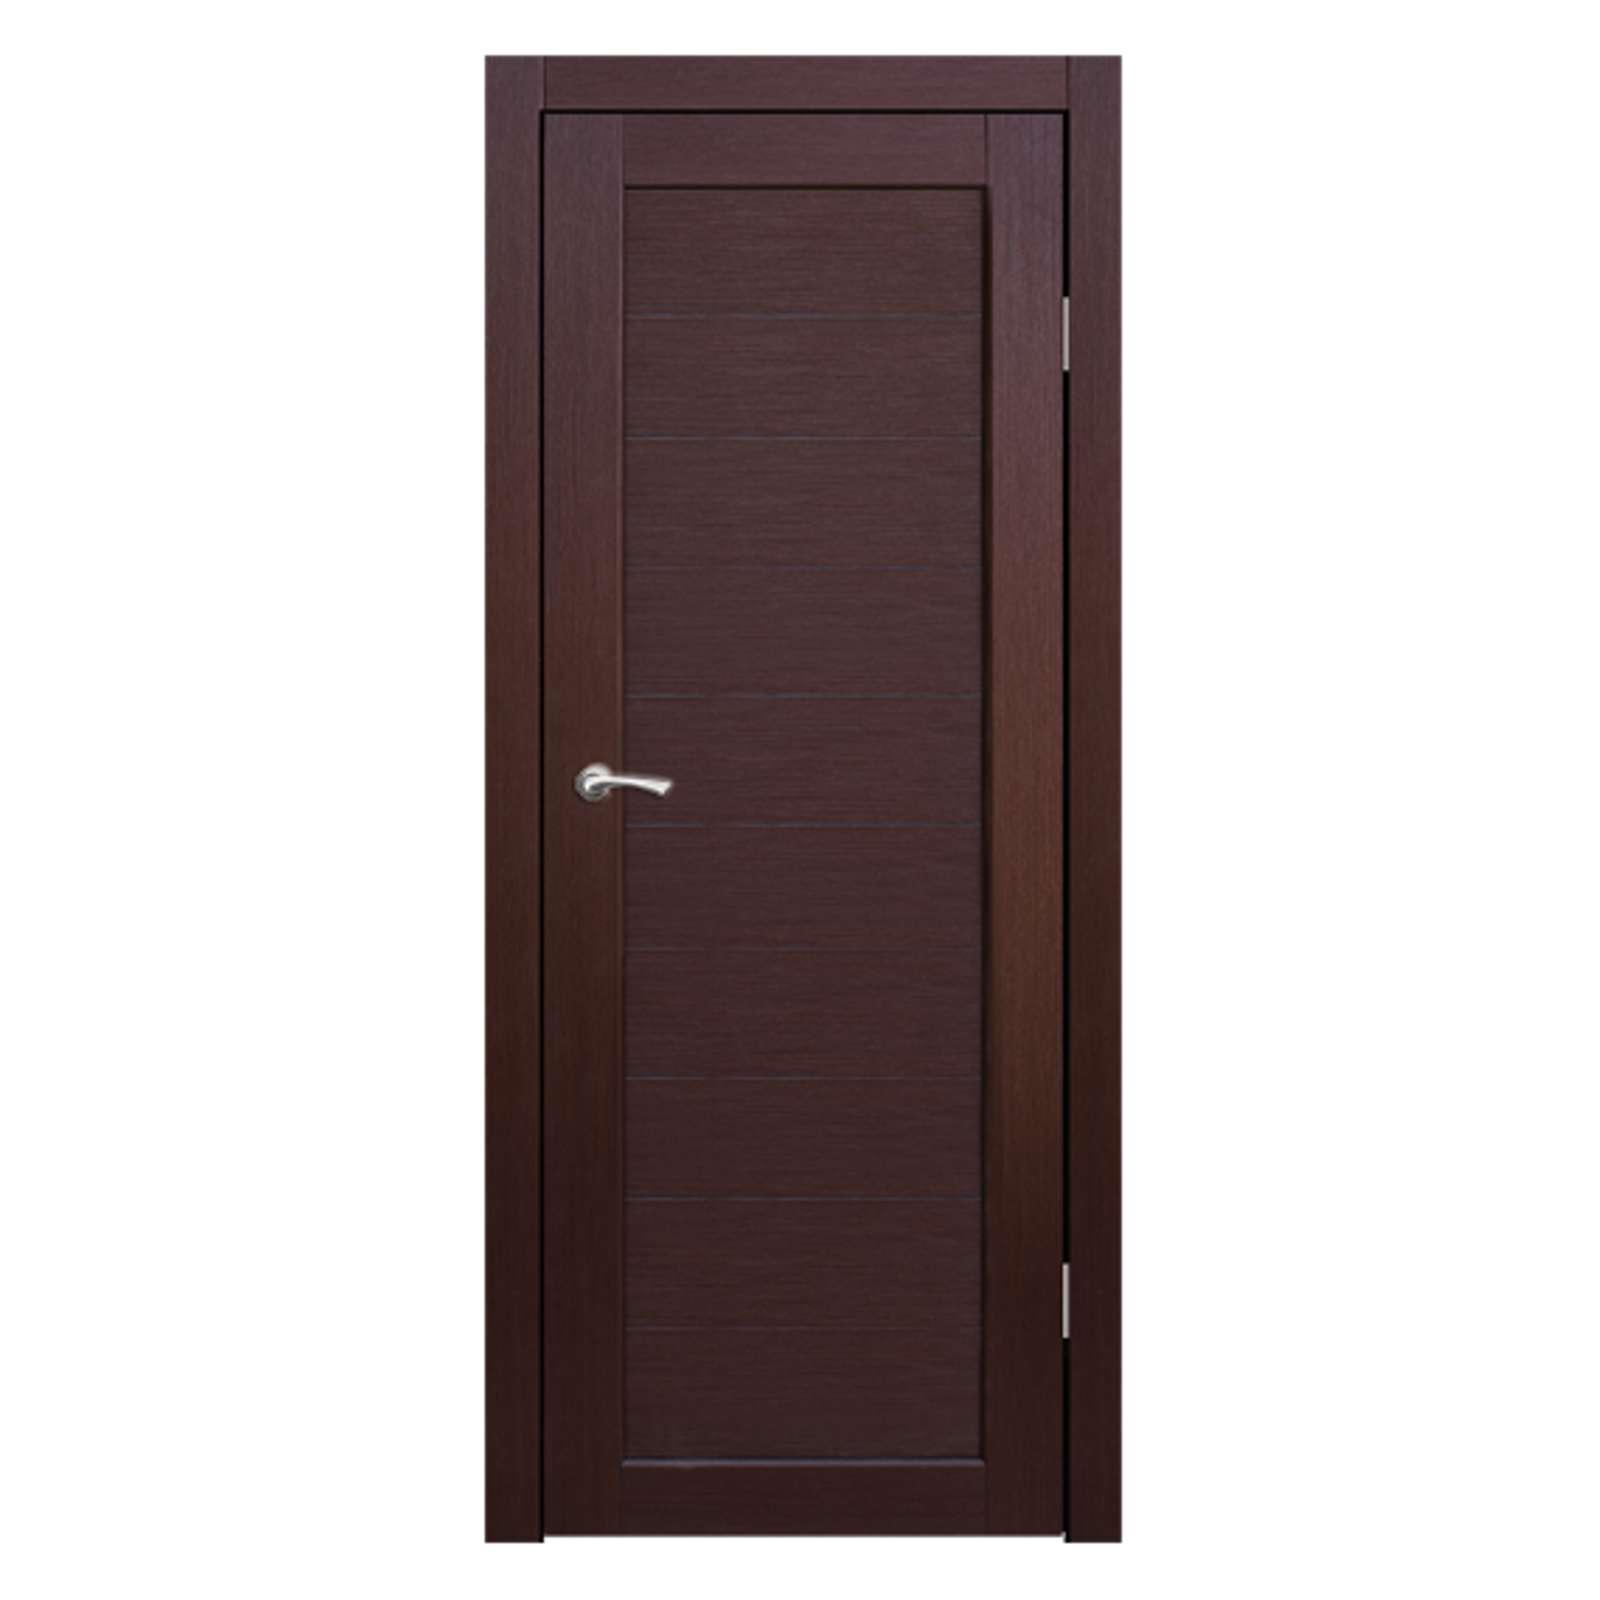 Дверное полотно Синержи Легро, Ноче кремоне, ПДГ 600Х2000ММ